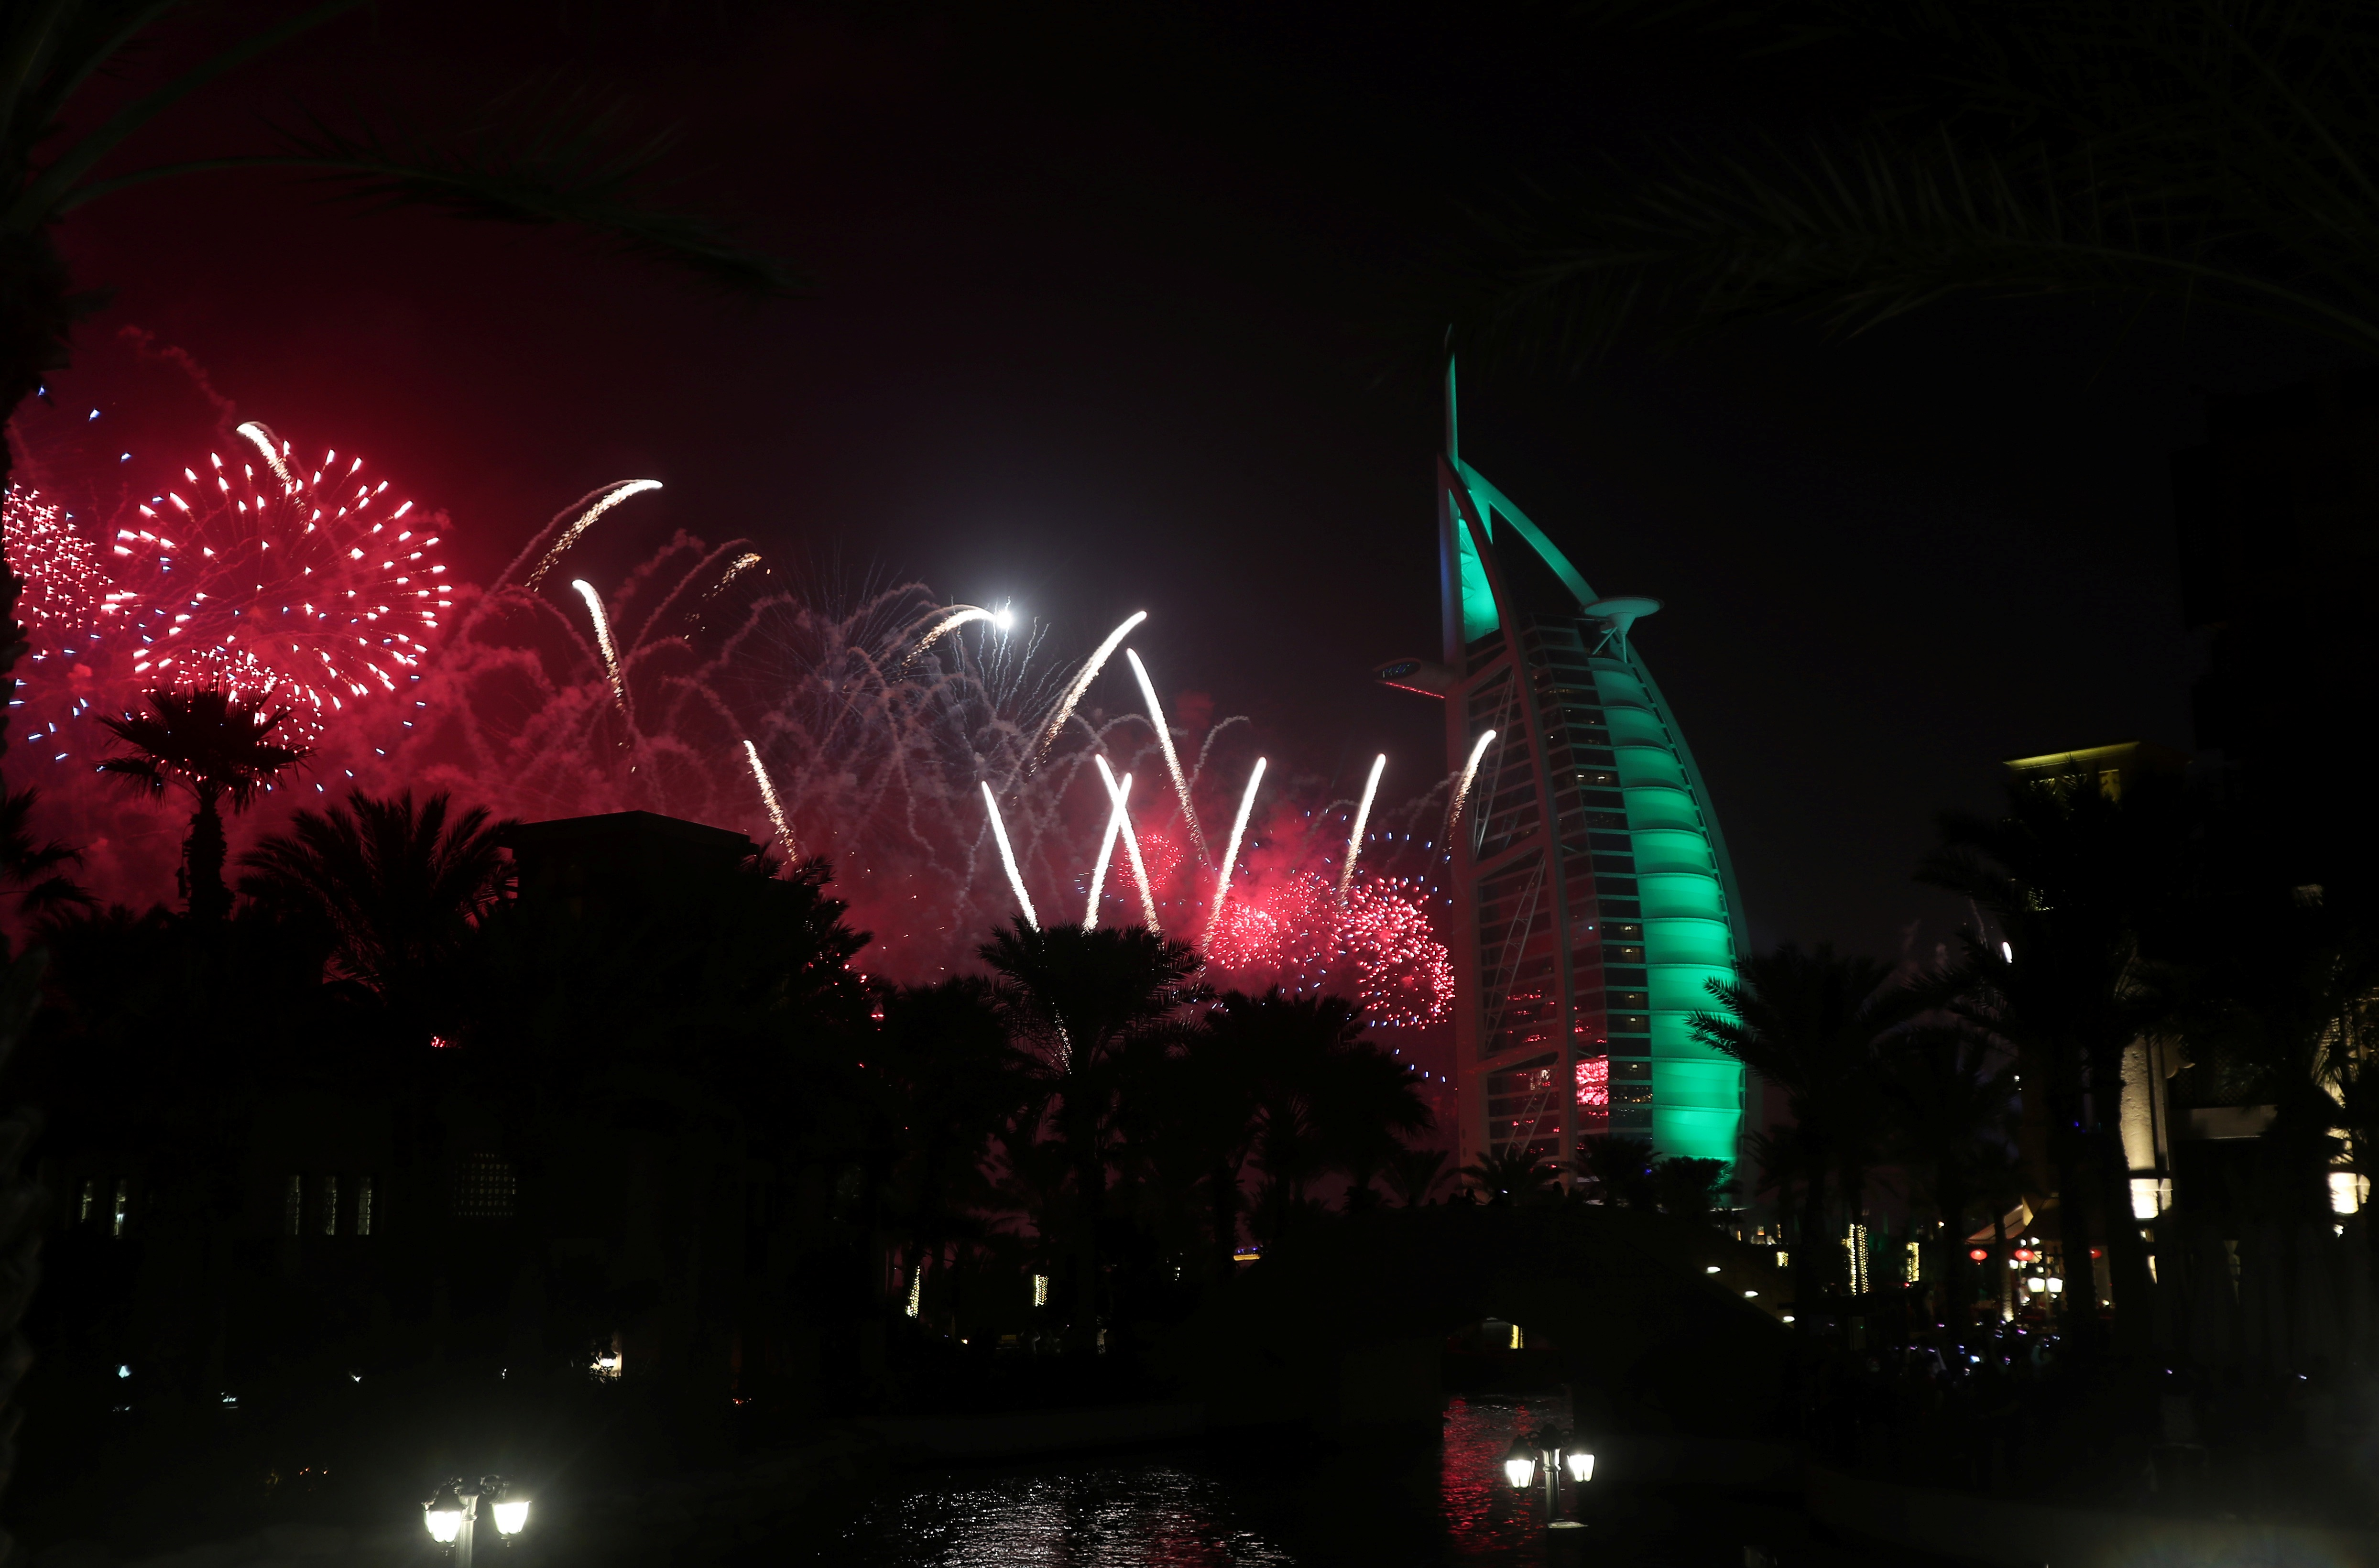 الألعاب النارية فوق فندق برج العرب في دبي